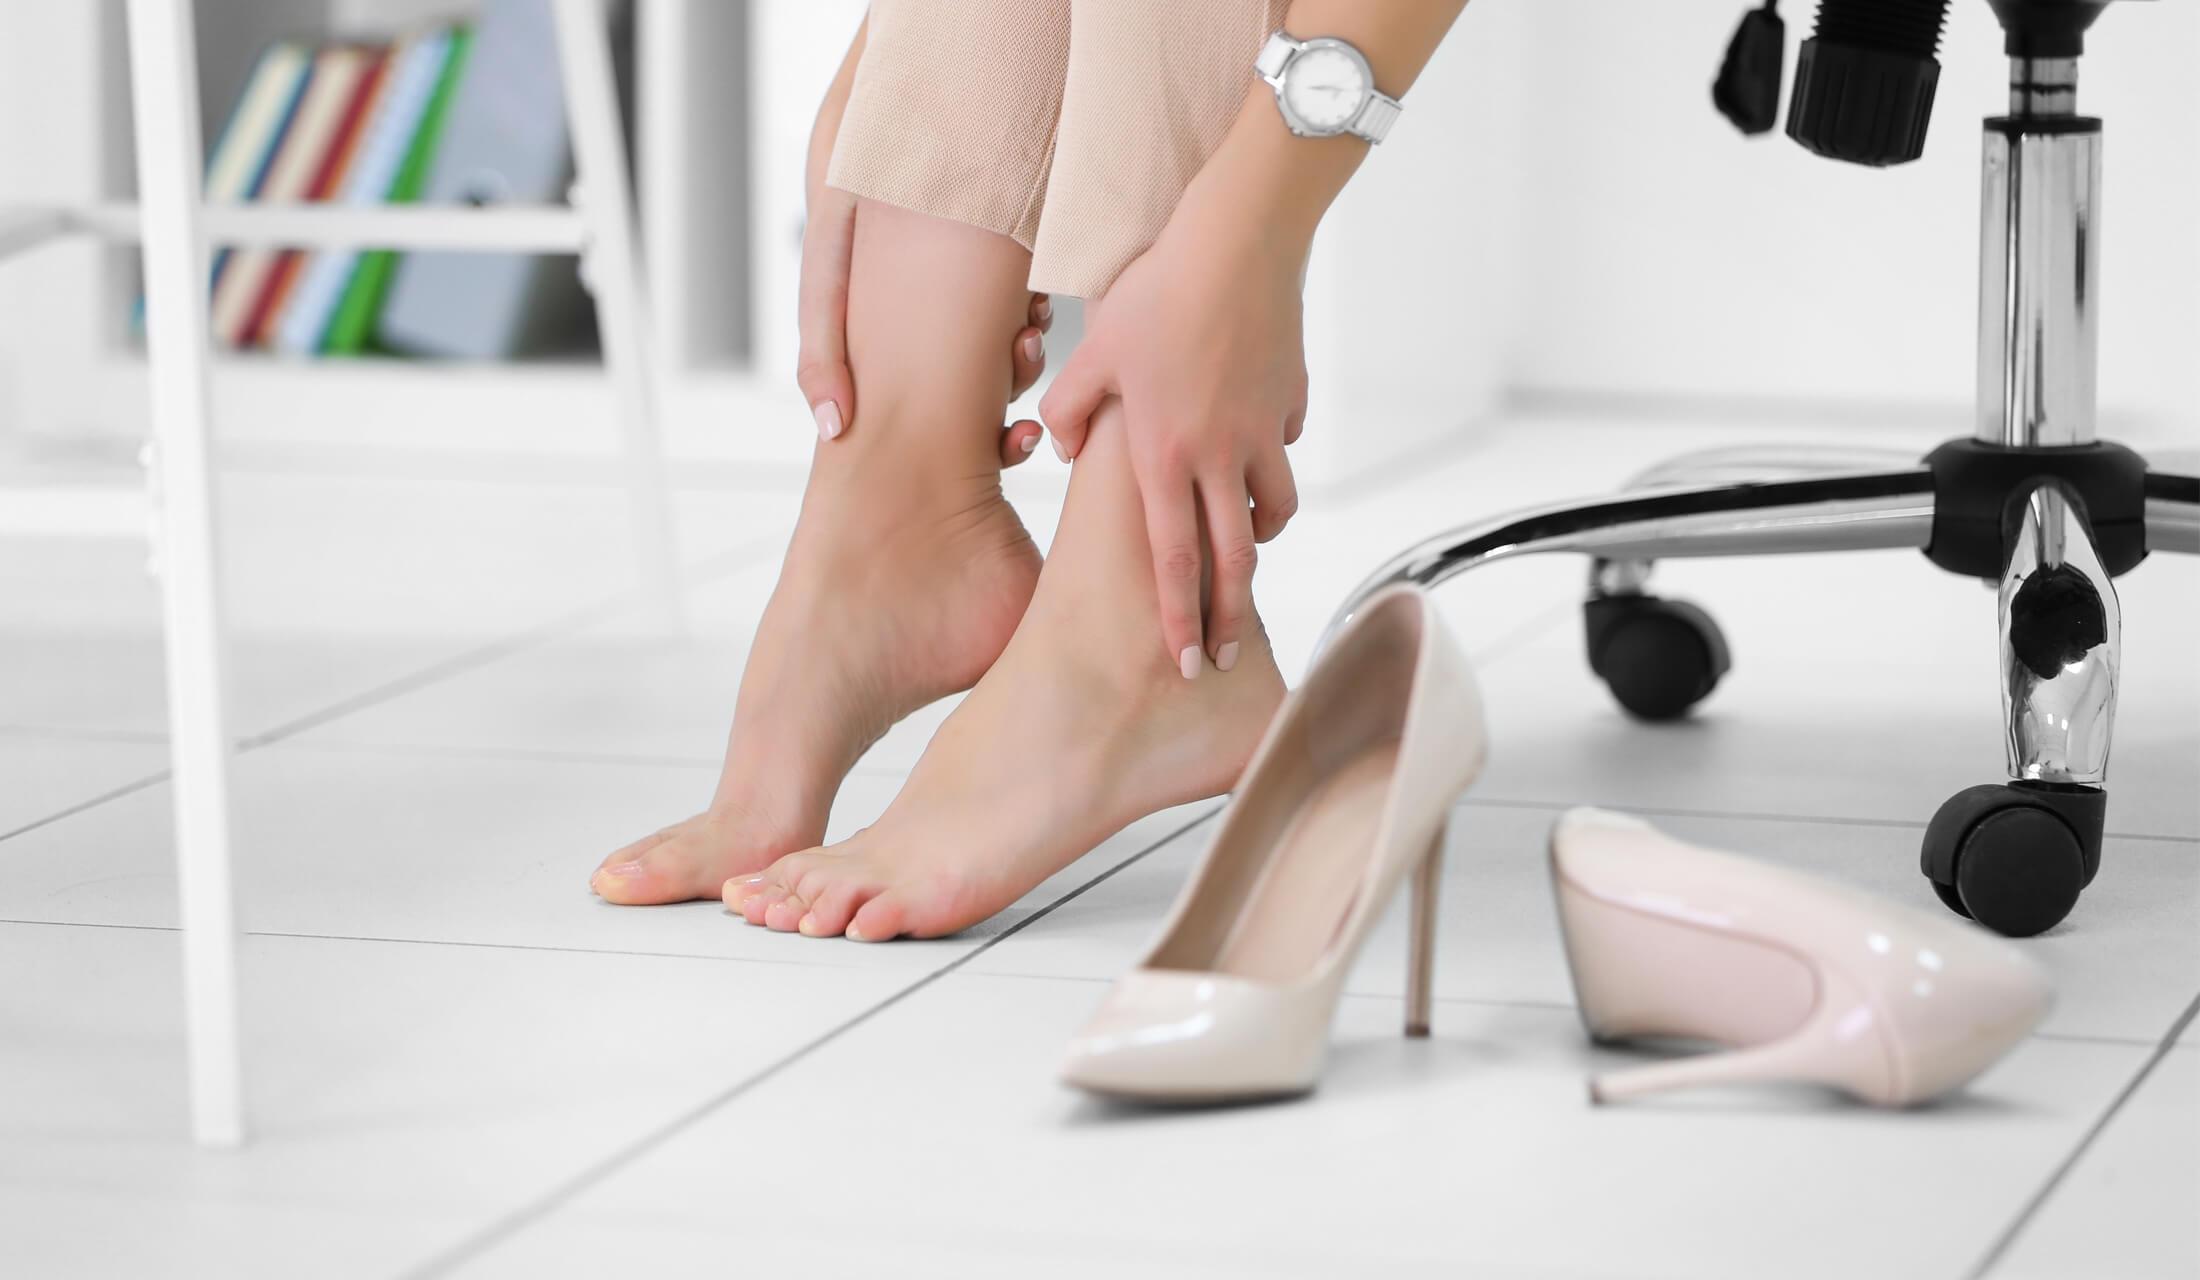 女性がライトベージュのハイヒールを脱ぎ、痛む足首をさすっている様子